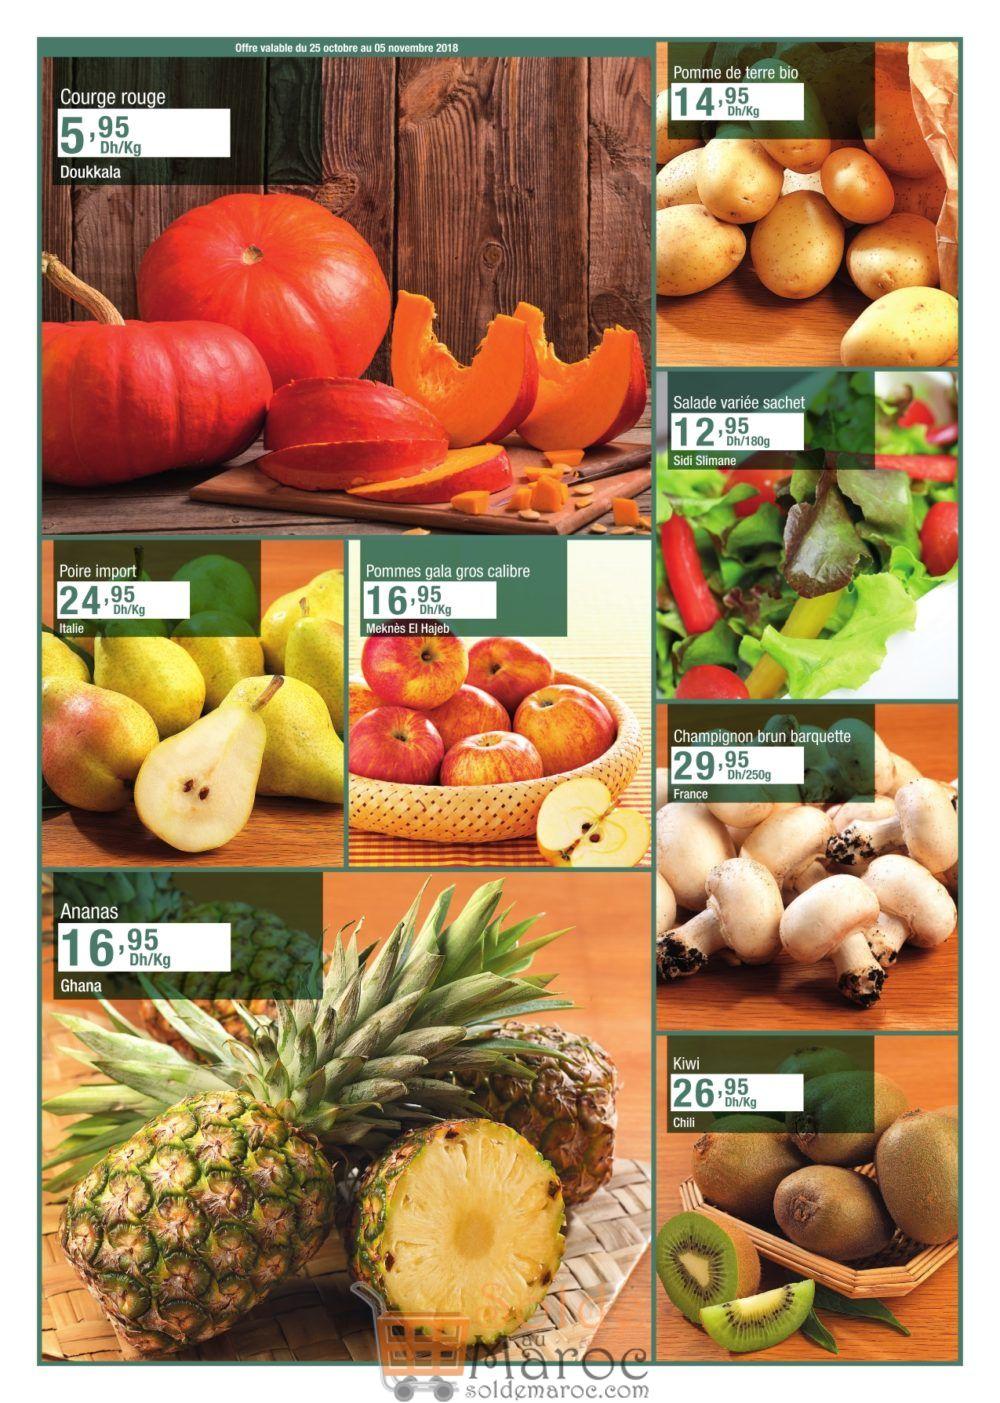 Catalogue Carrefour Market Gourmet du 25 Octobre au 14 Novembre 2018